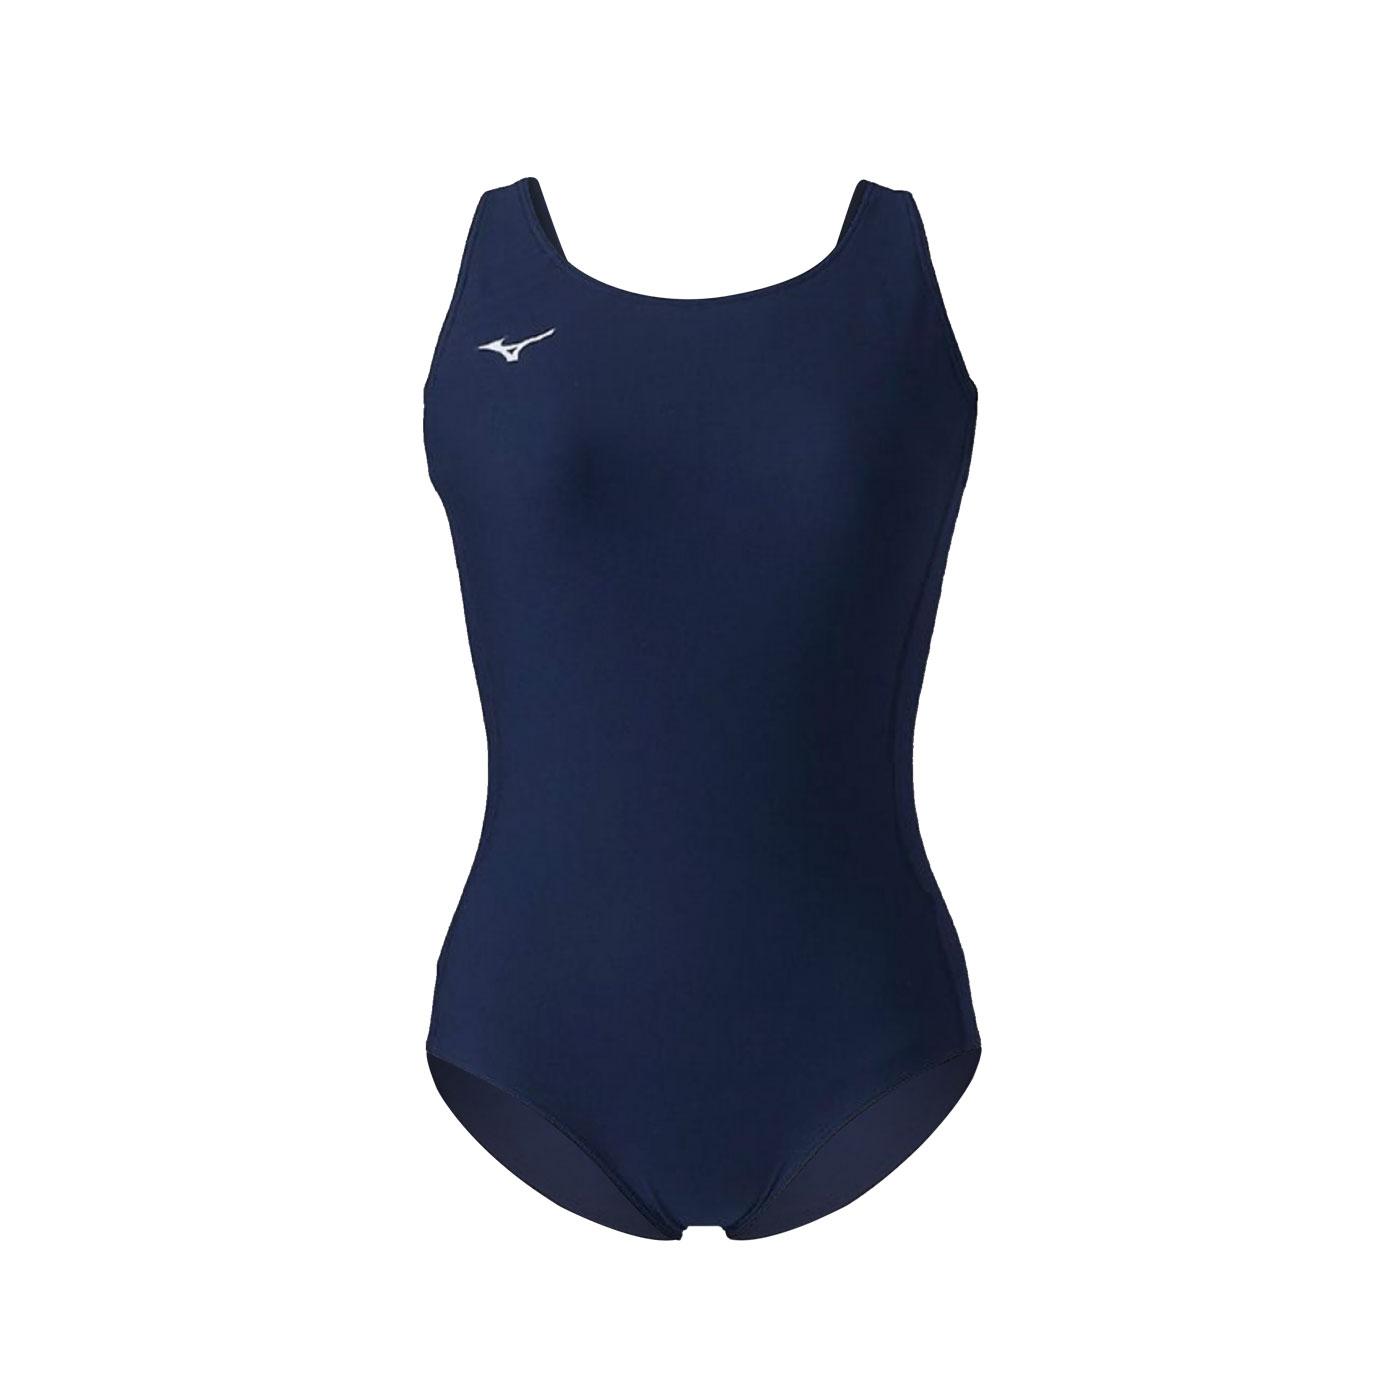 MIZUNO 女款連身泳衣  SWIMN2MA1C0114 - 丈青銀